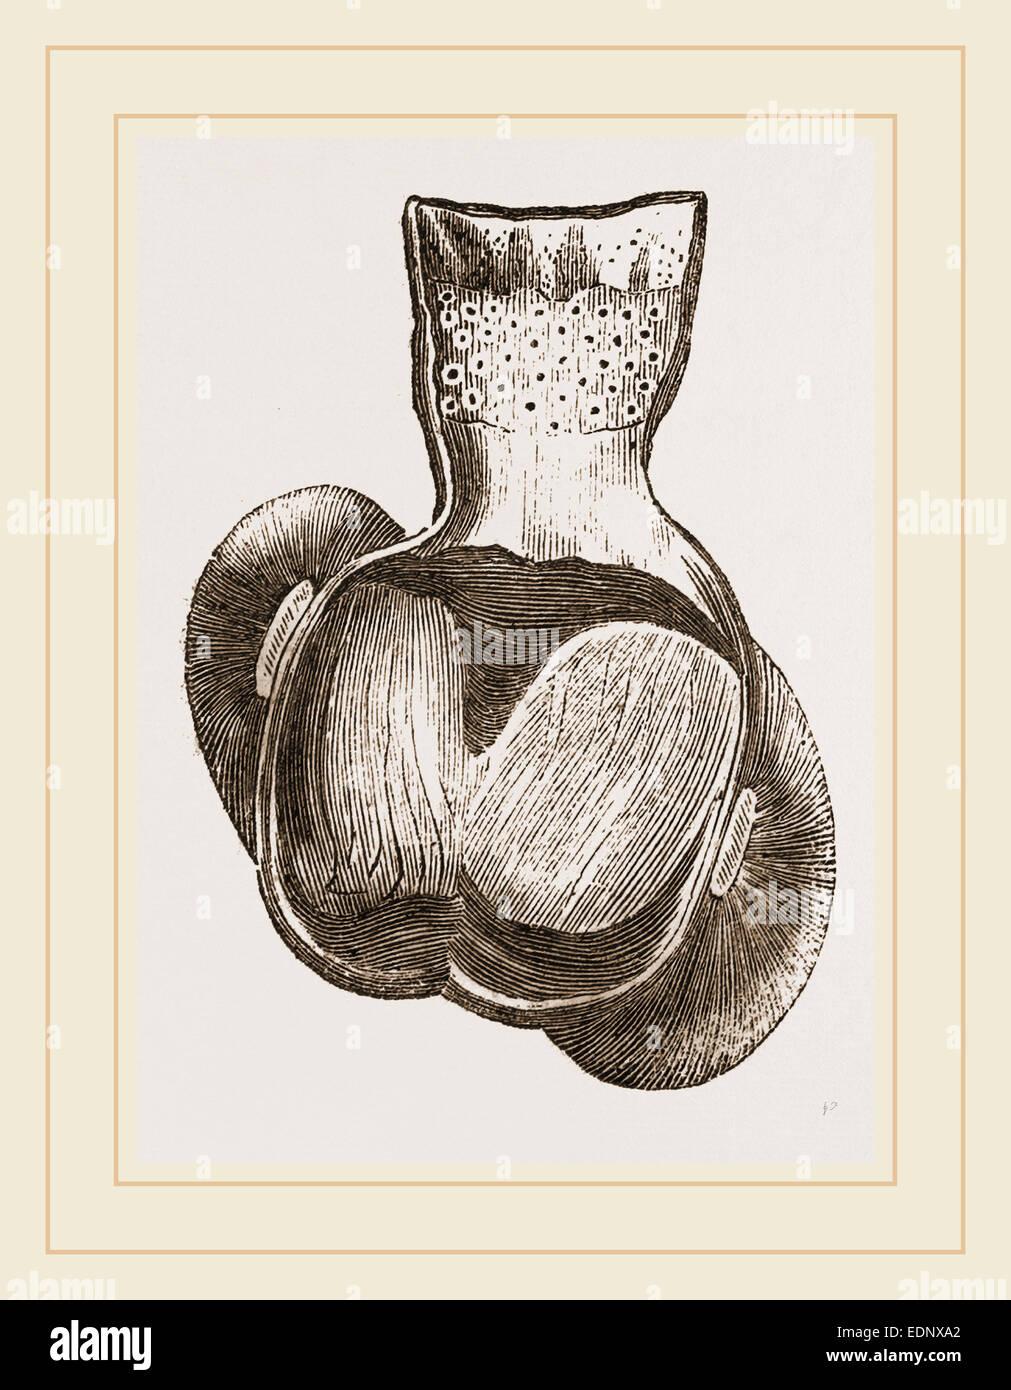 Gizzard of Turkey Stock Photo: 77313658 - Alamy